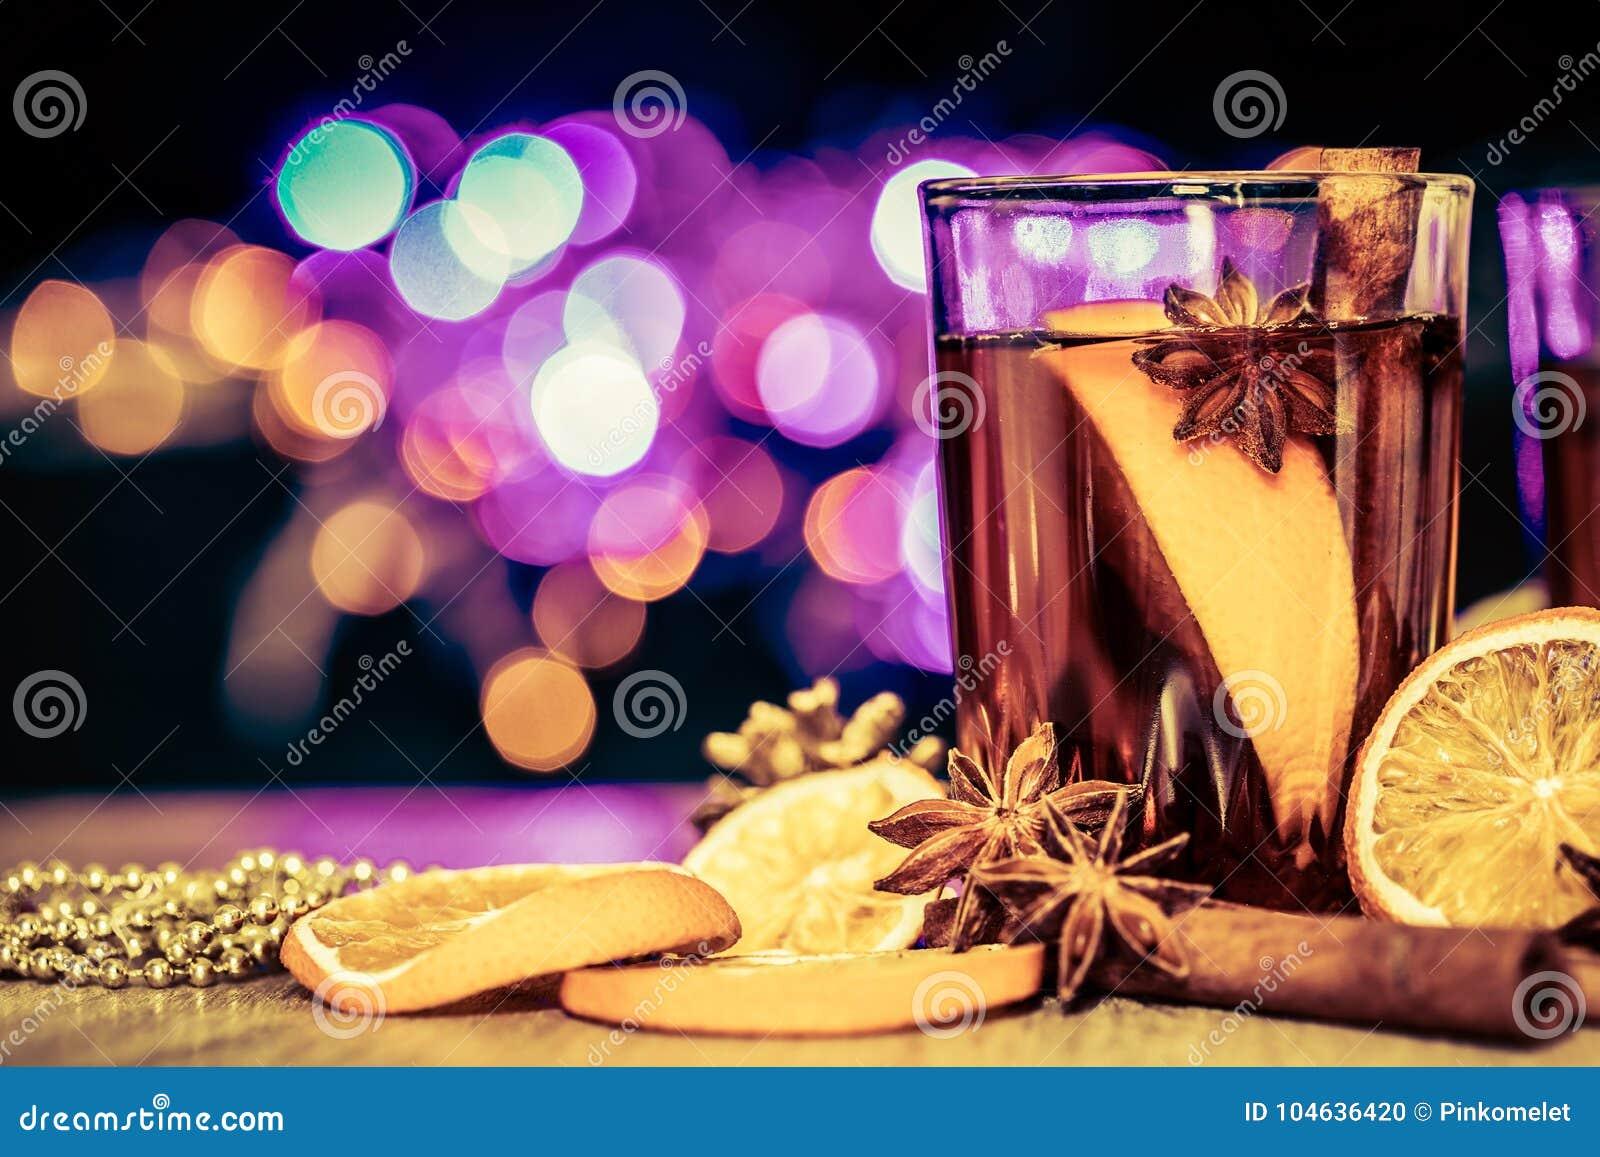 Download Overwogen Wijn In Een Nachtviering Van Nieuwjaarpartij En Delici Stock Foto - Afbeelding bestaande uit dranken, seizoen: 104636420